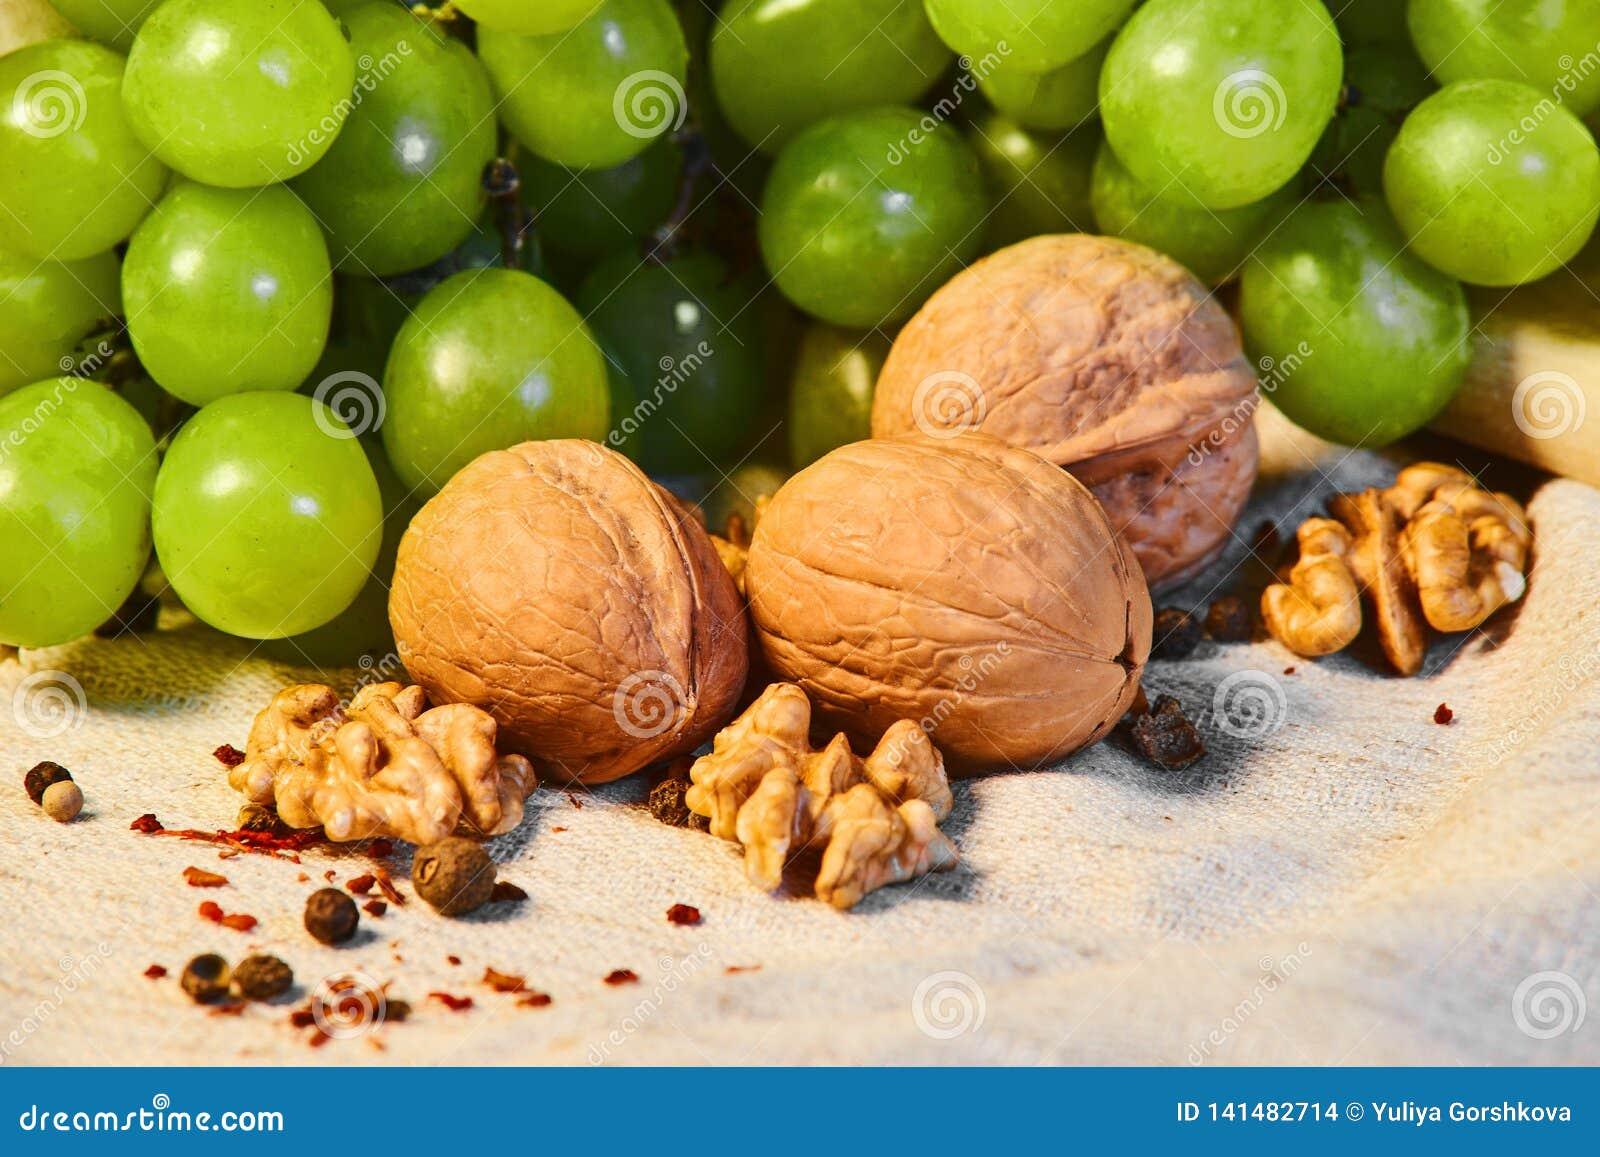 Le noci e l uva verde si trovano sul panno di tela con le spezie